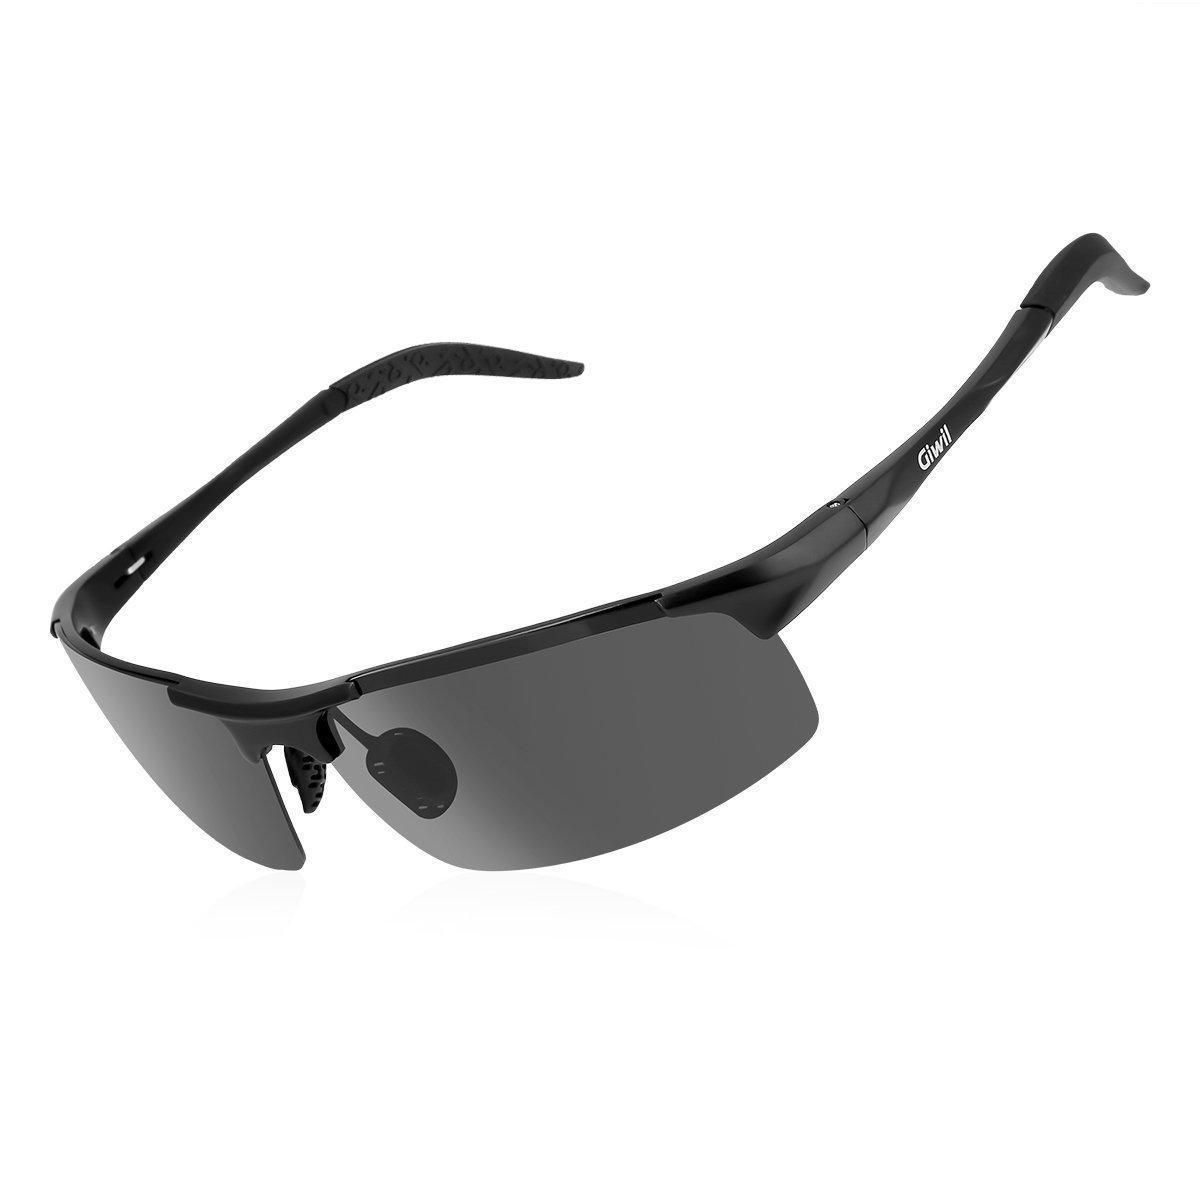 Giwil Gafas de Sol Polarizadas Deportivas de Aluminio y Magnesio para Ciclismo